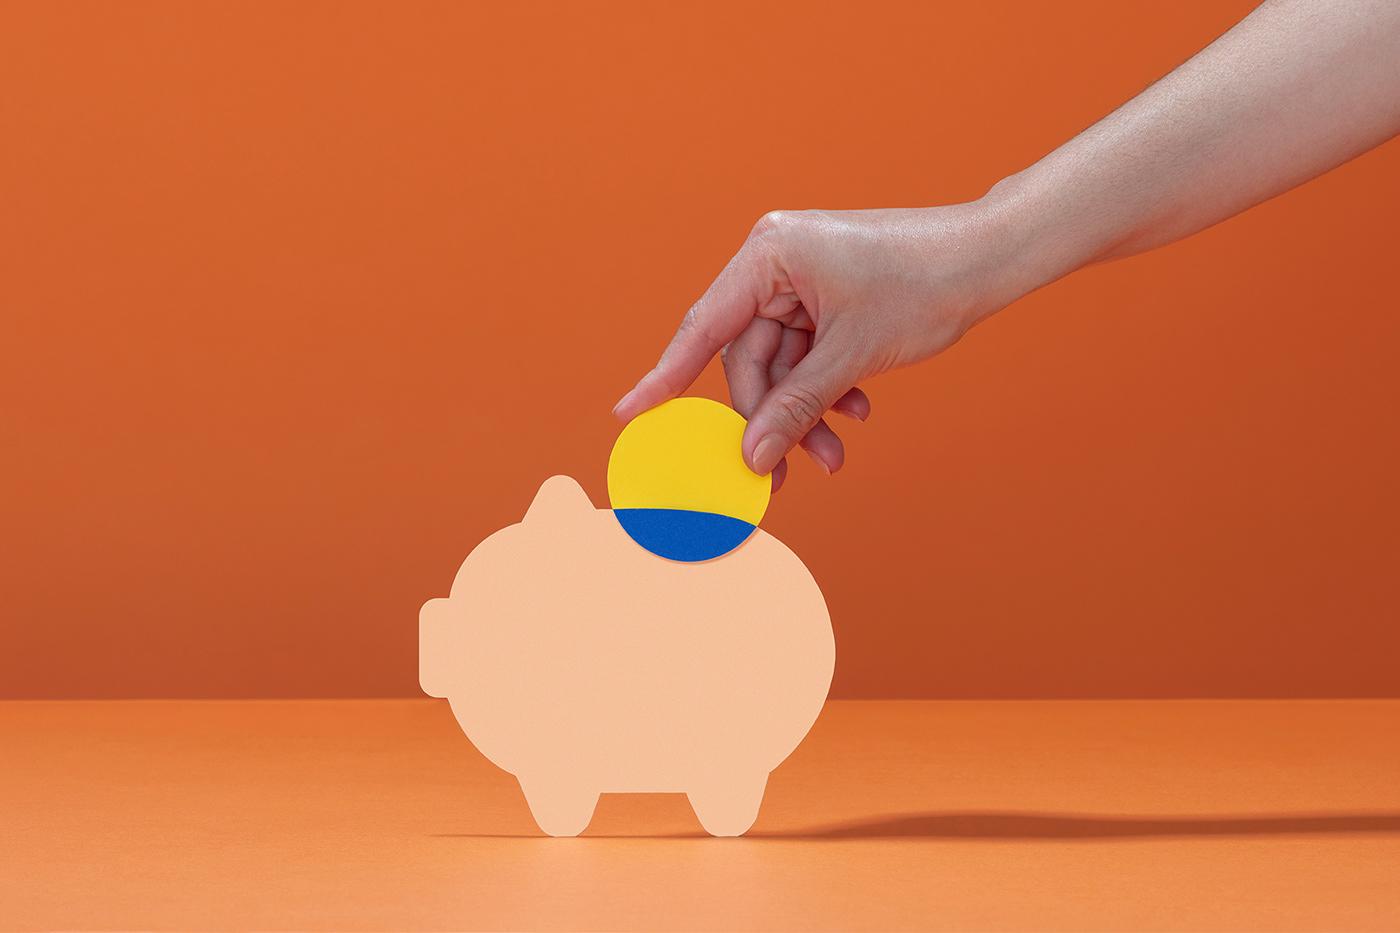 app Bank brand credit card design Fintech Inclusive money Technology finance